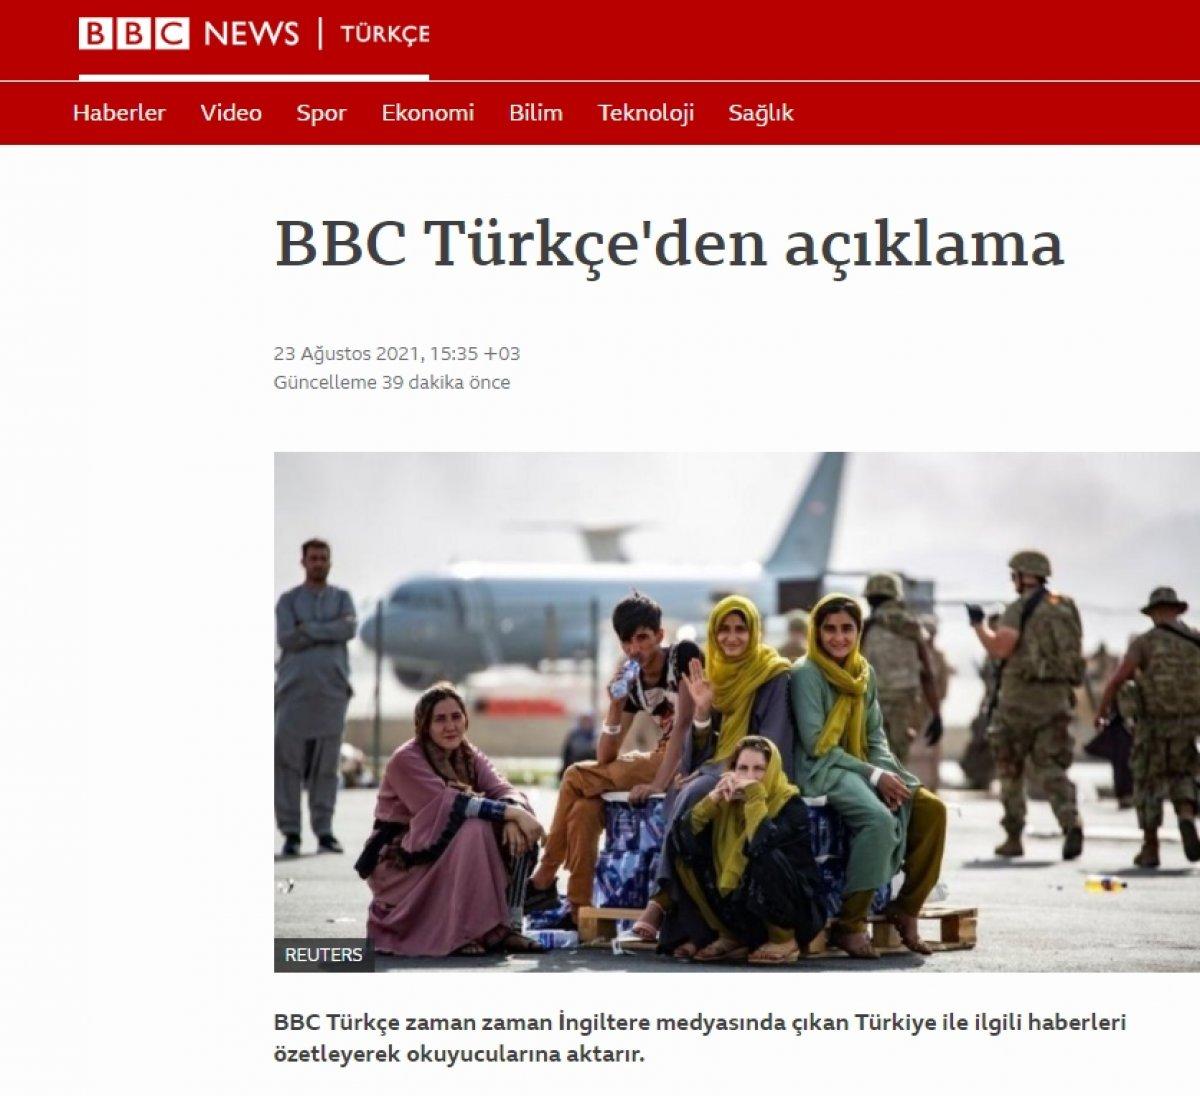 BBC Türkçe  mülteci kampı  haberi için özür diledi #3